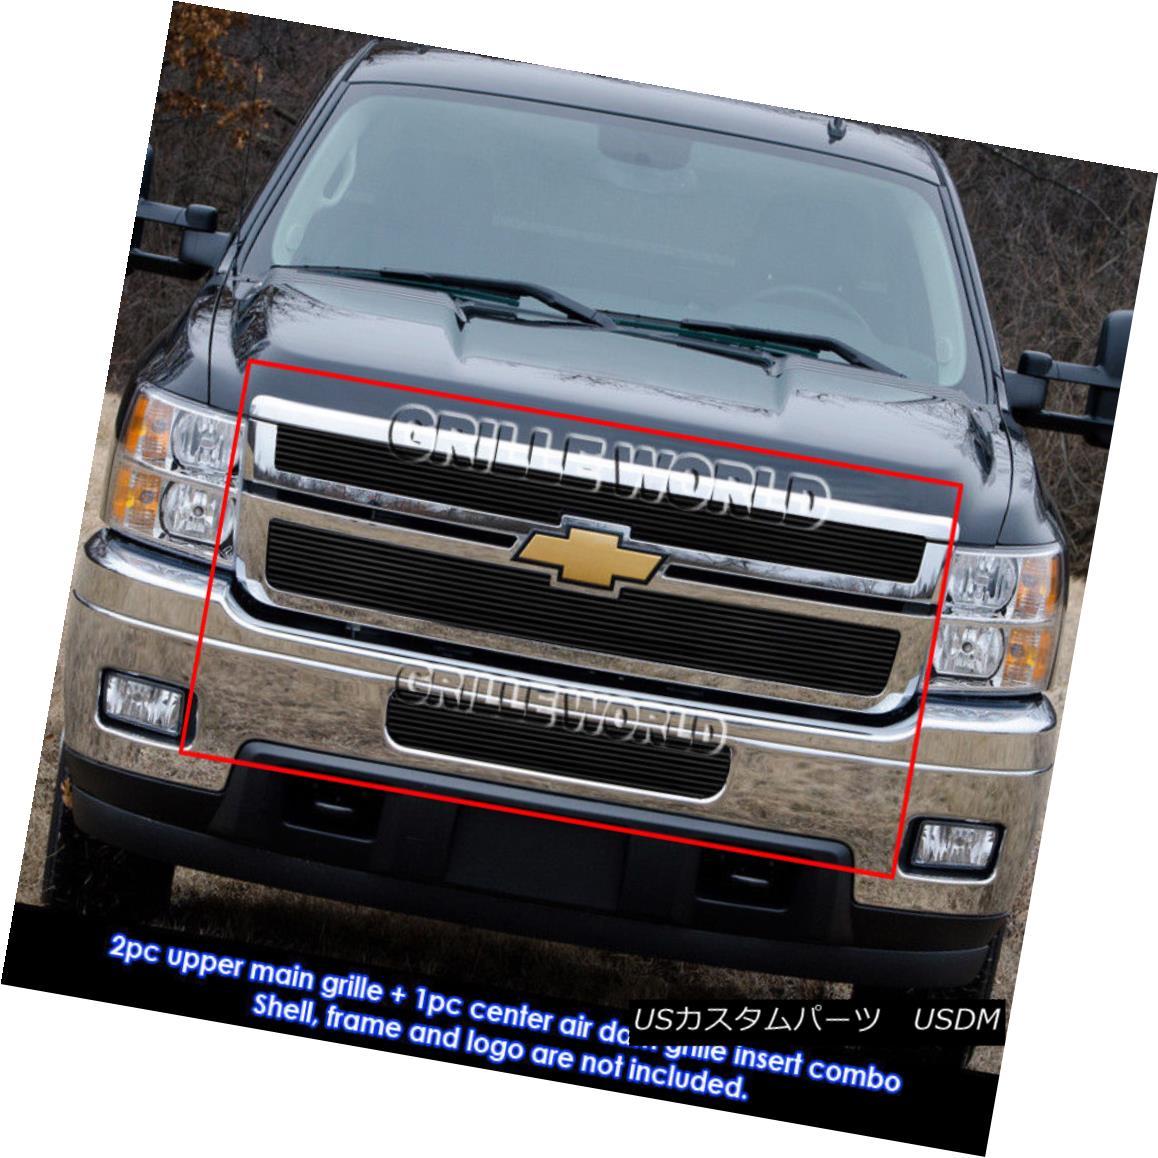 グリル Chevy Silverado 2500HD/3500HD Black Billet Grille Grill Combo Insert 2011-2014 Chevy Silverado 2500HD / 3500HDブラックビレットグリルグリルコンボインサート2011-2014